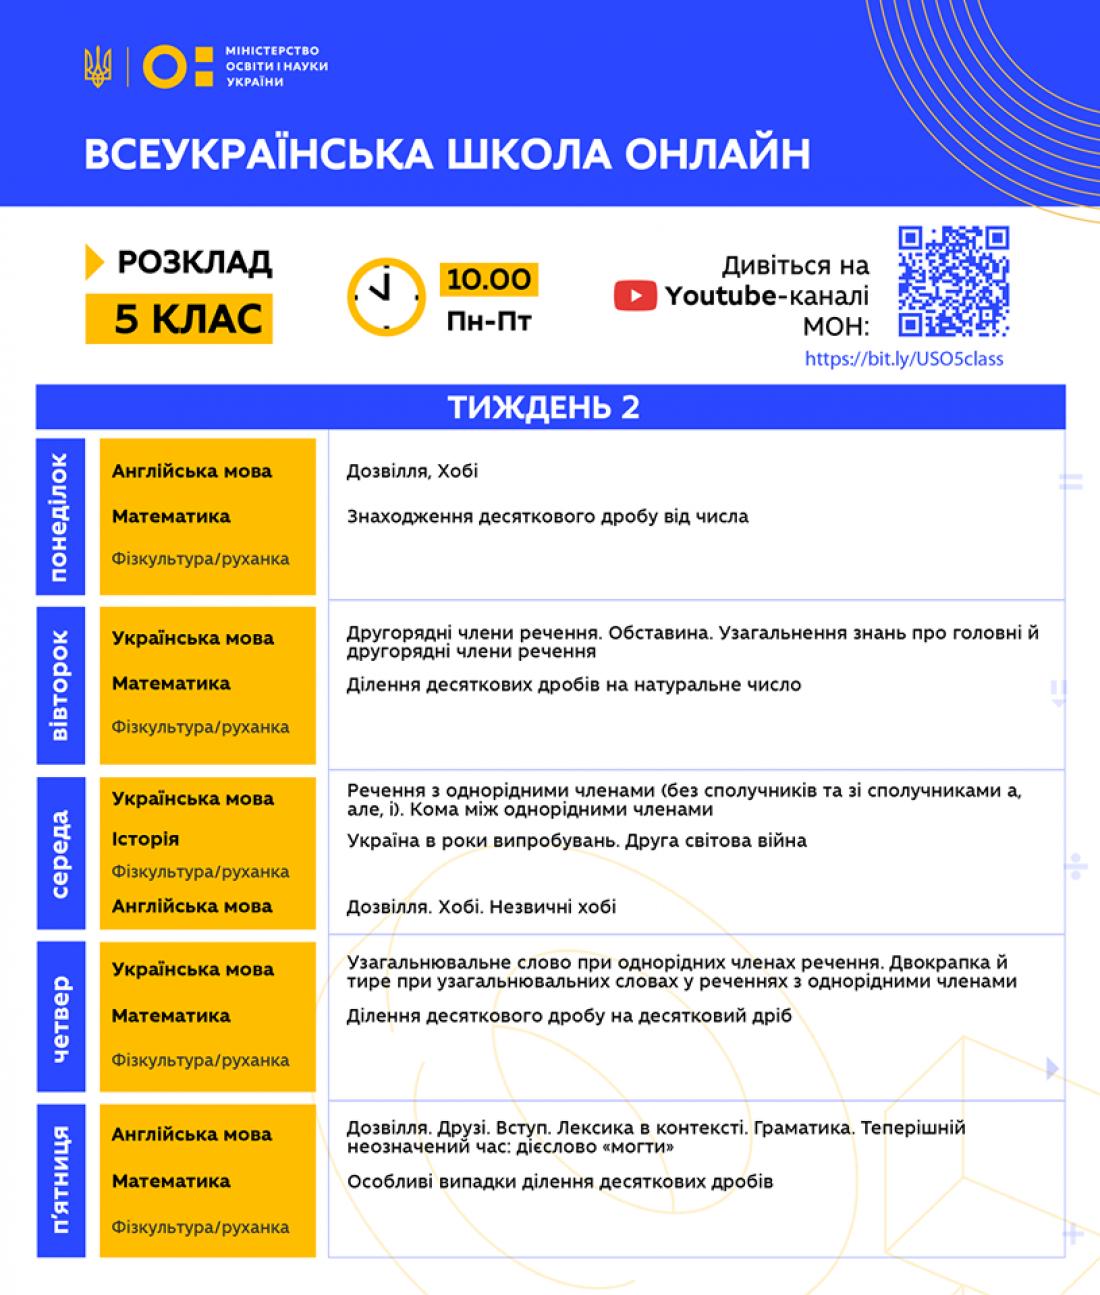 Всеукраинская школа онлайн: Расписание для 5 класса